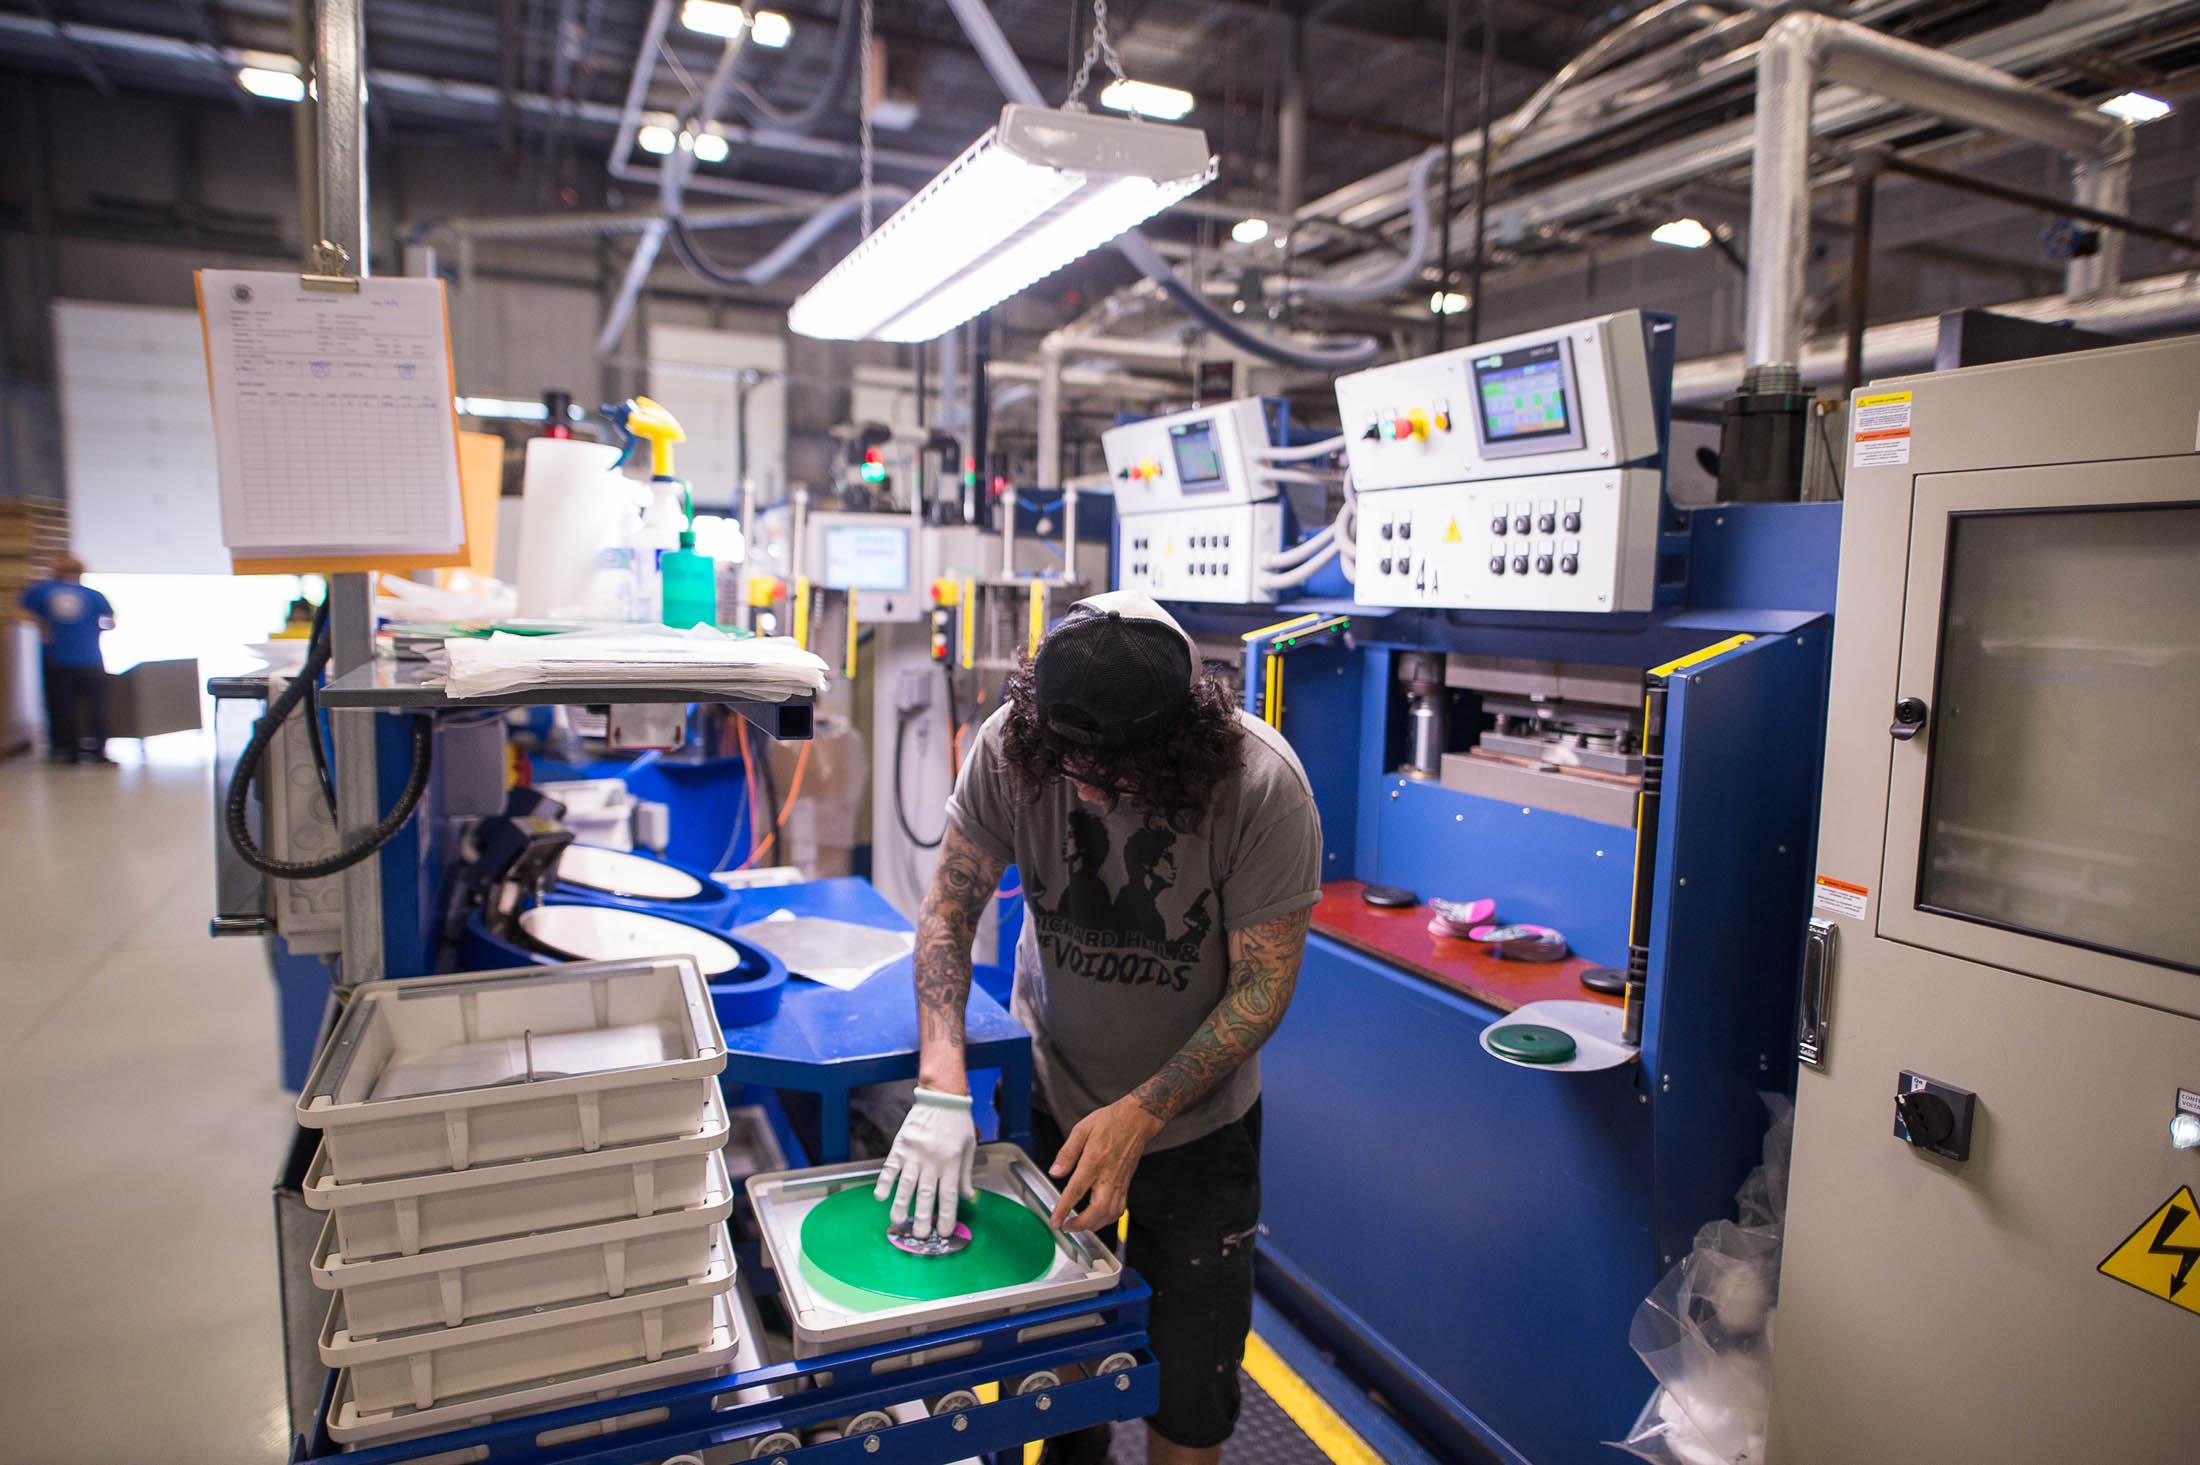 Một Chuyên Viên Kỹ Thuật Tại Precision Record Pressing Đang Miệt Mài Trên Chuyền Sản Xuất Mà Mình Phụ Trách    Photographer: James MacDonald/Bloomberg